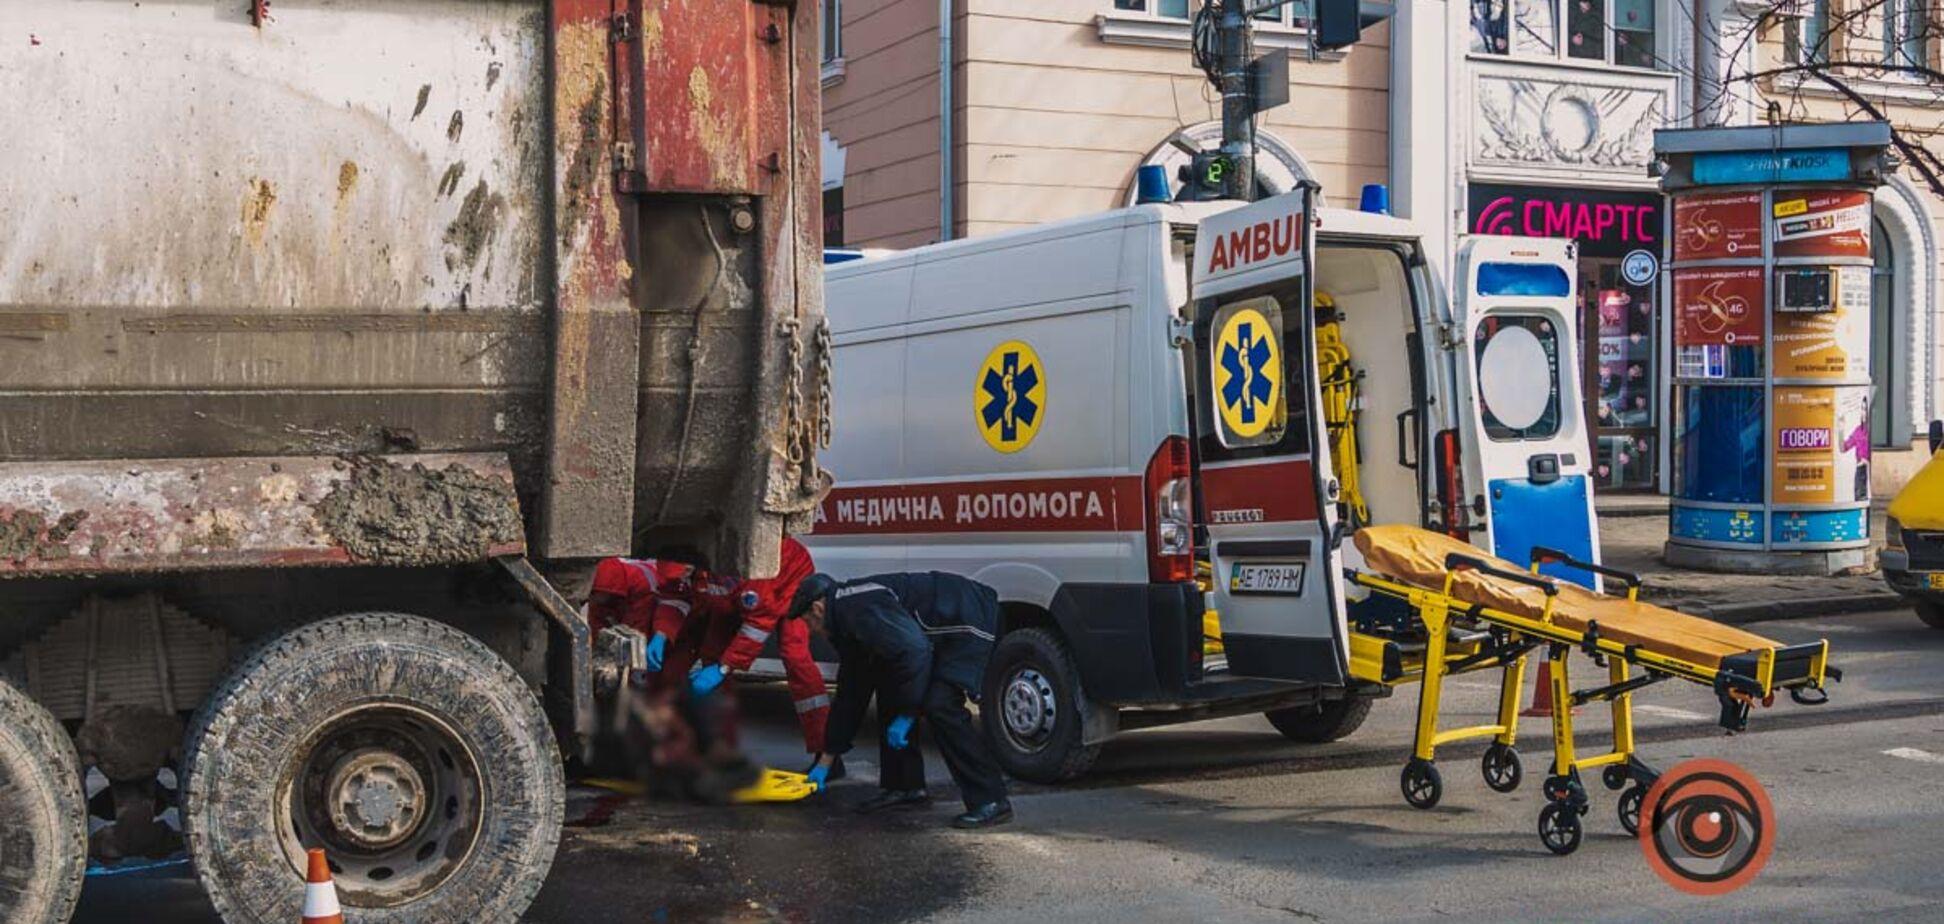 У центрі Дніпра вантажівка переїхала чоловіка: моторошне відео 18+